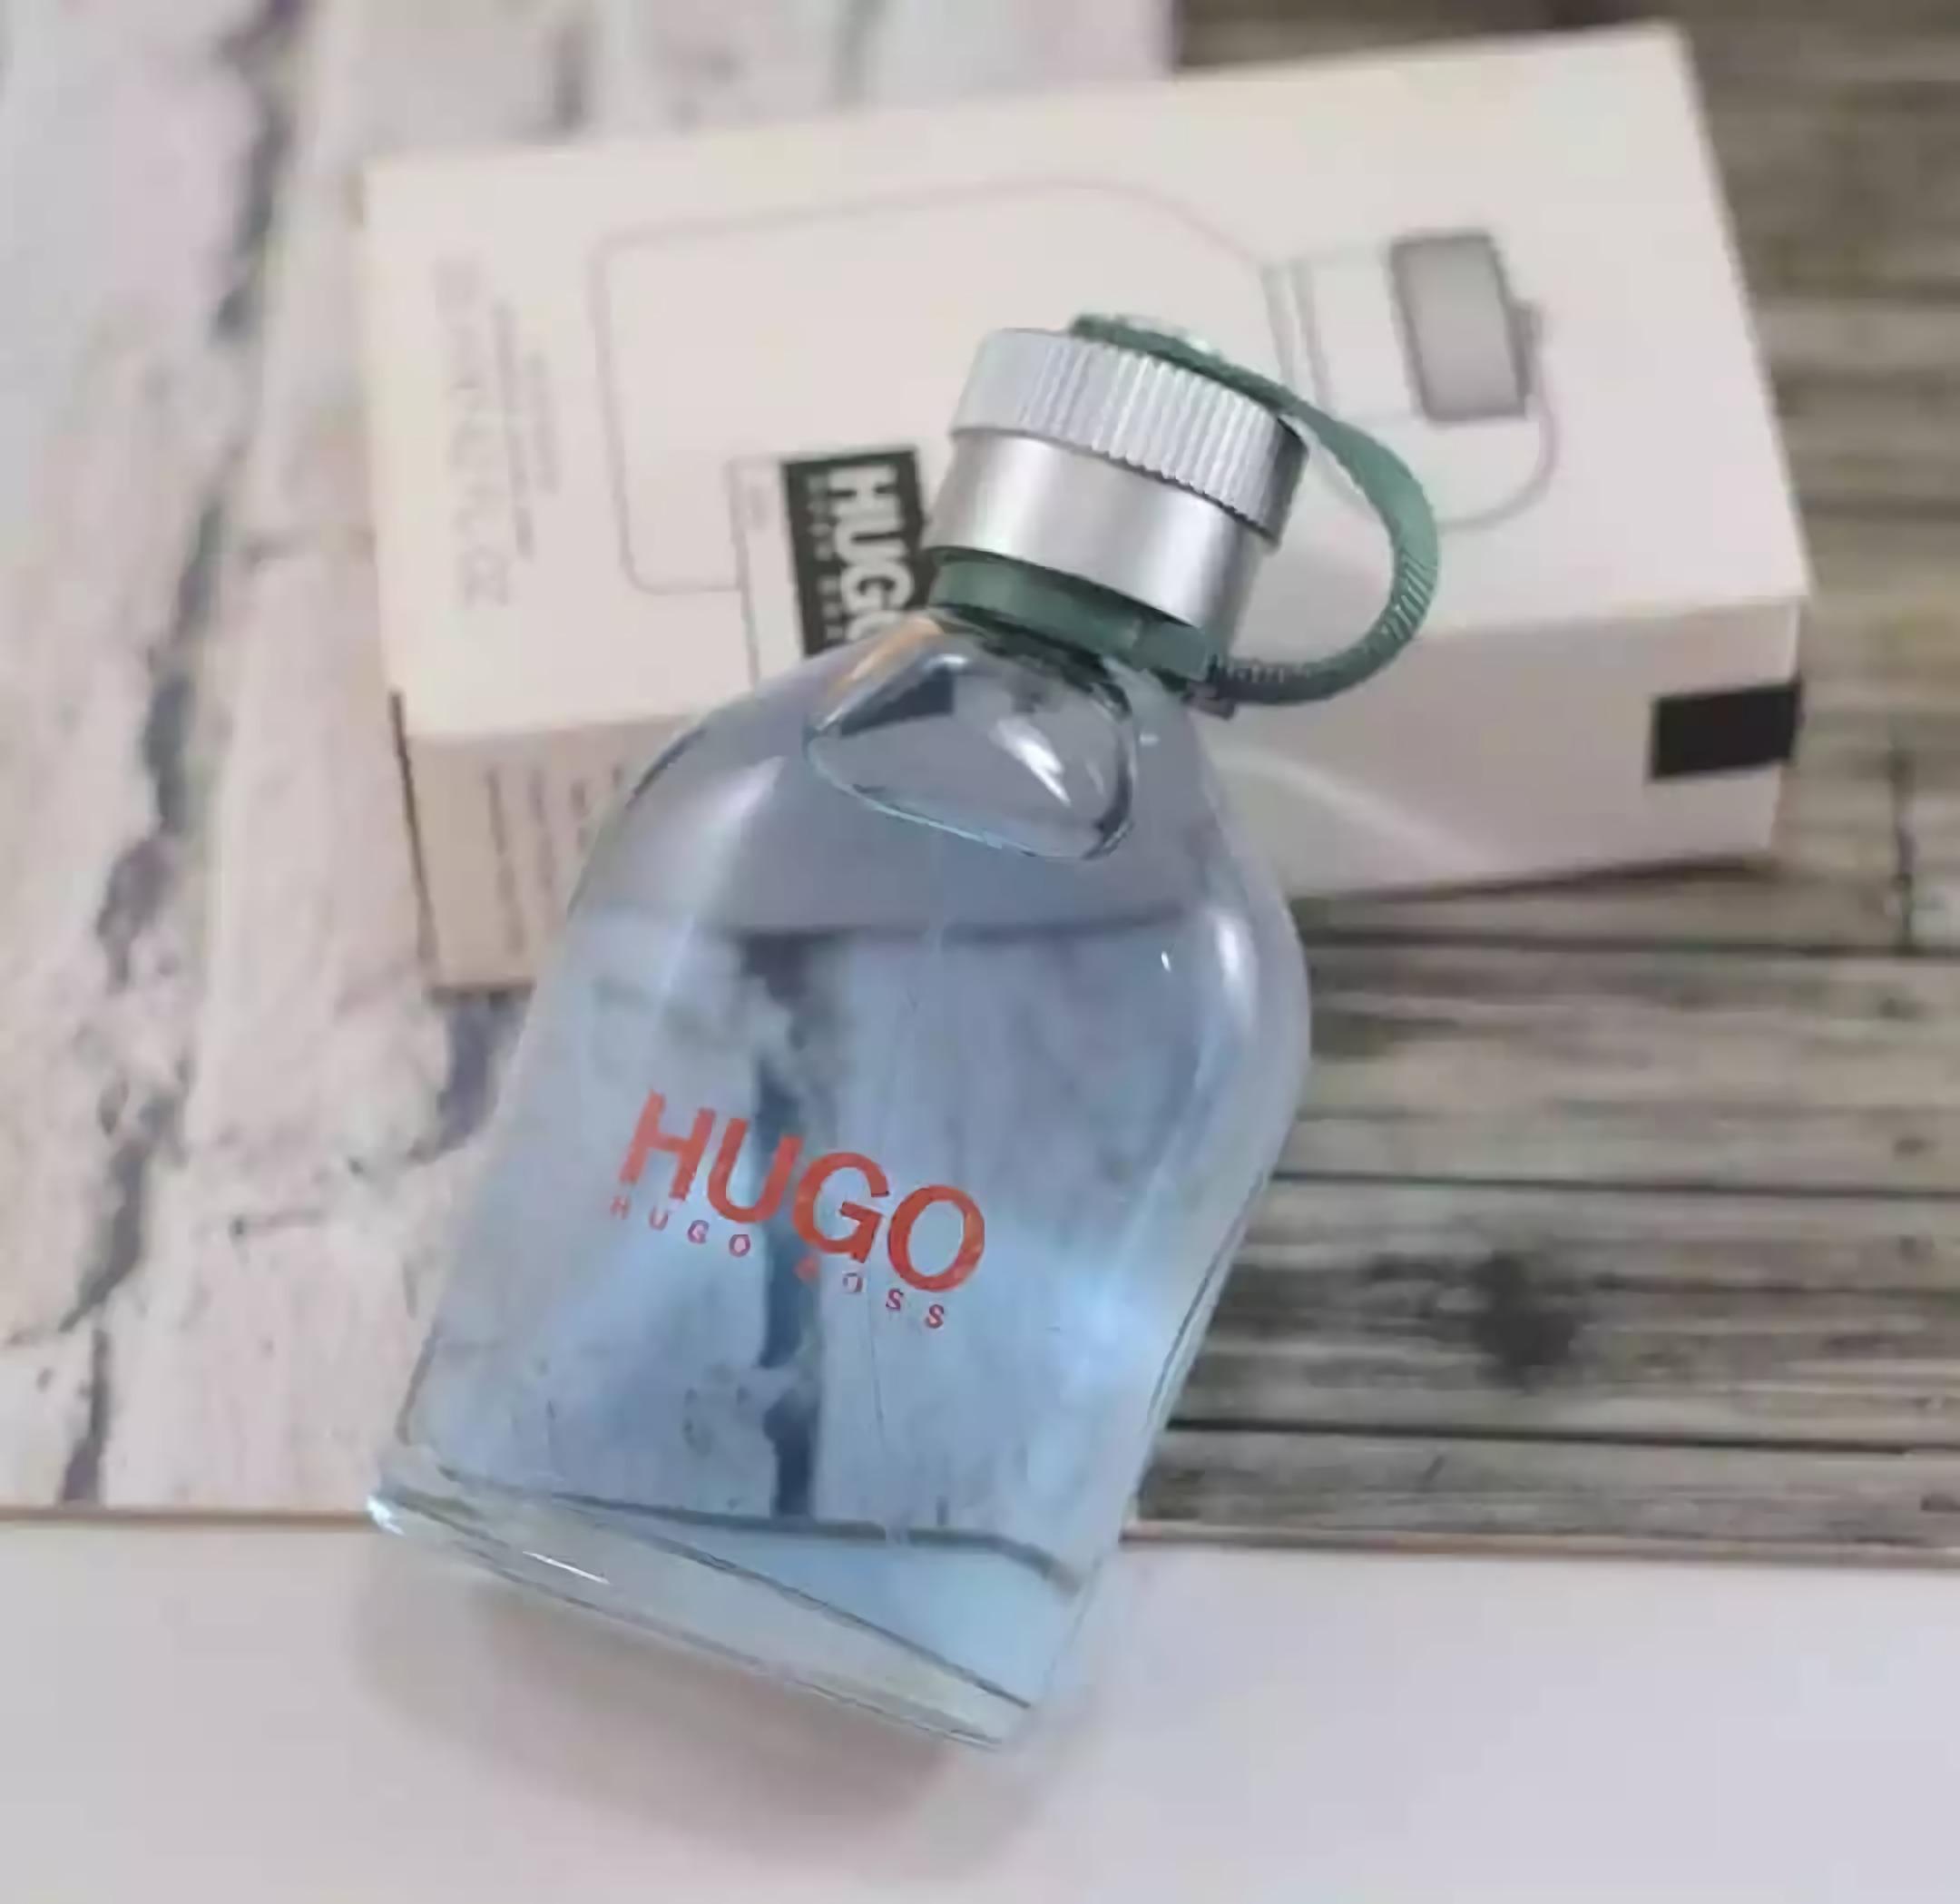 мужской парфюм с освежающим запахом Hugo Boss Hugo